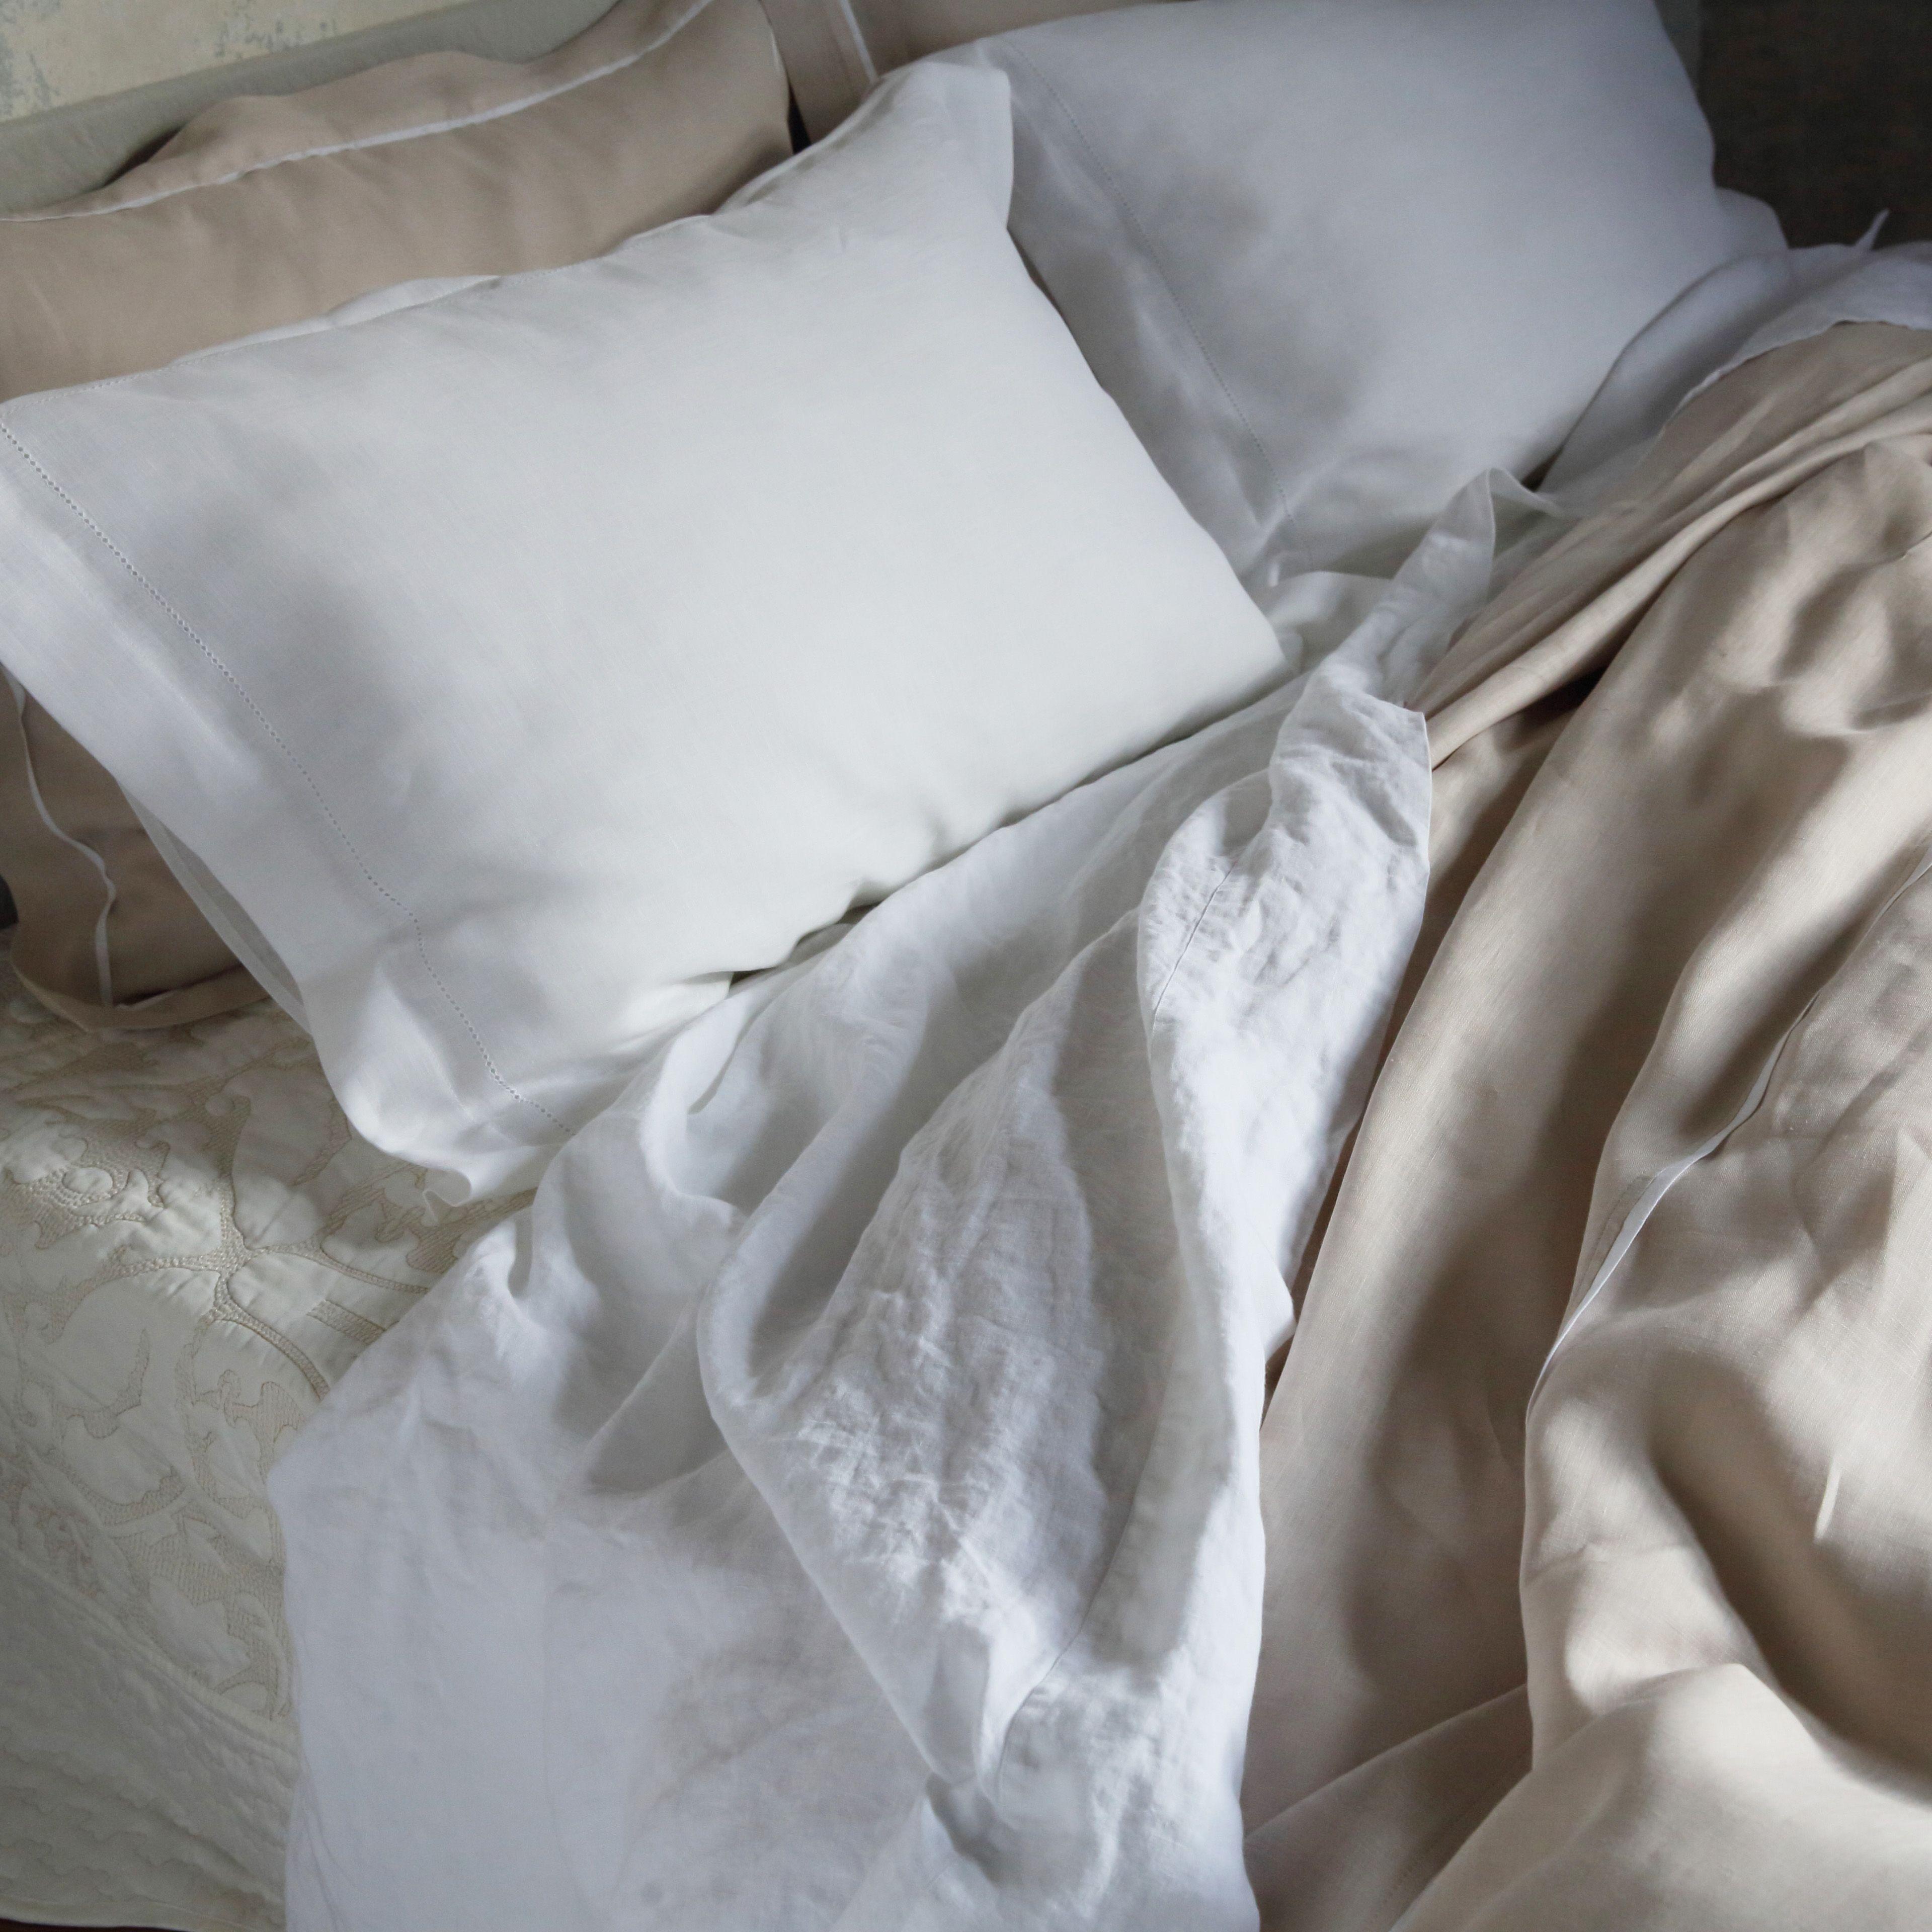 Hemstitched Bed Linen Optical White #linenme #whitelinen #linen #bedlinen